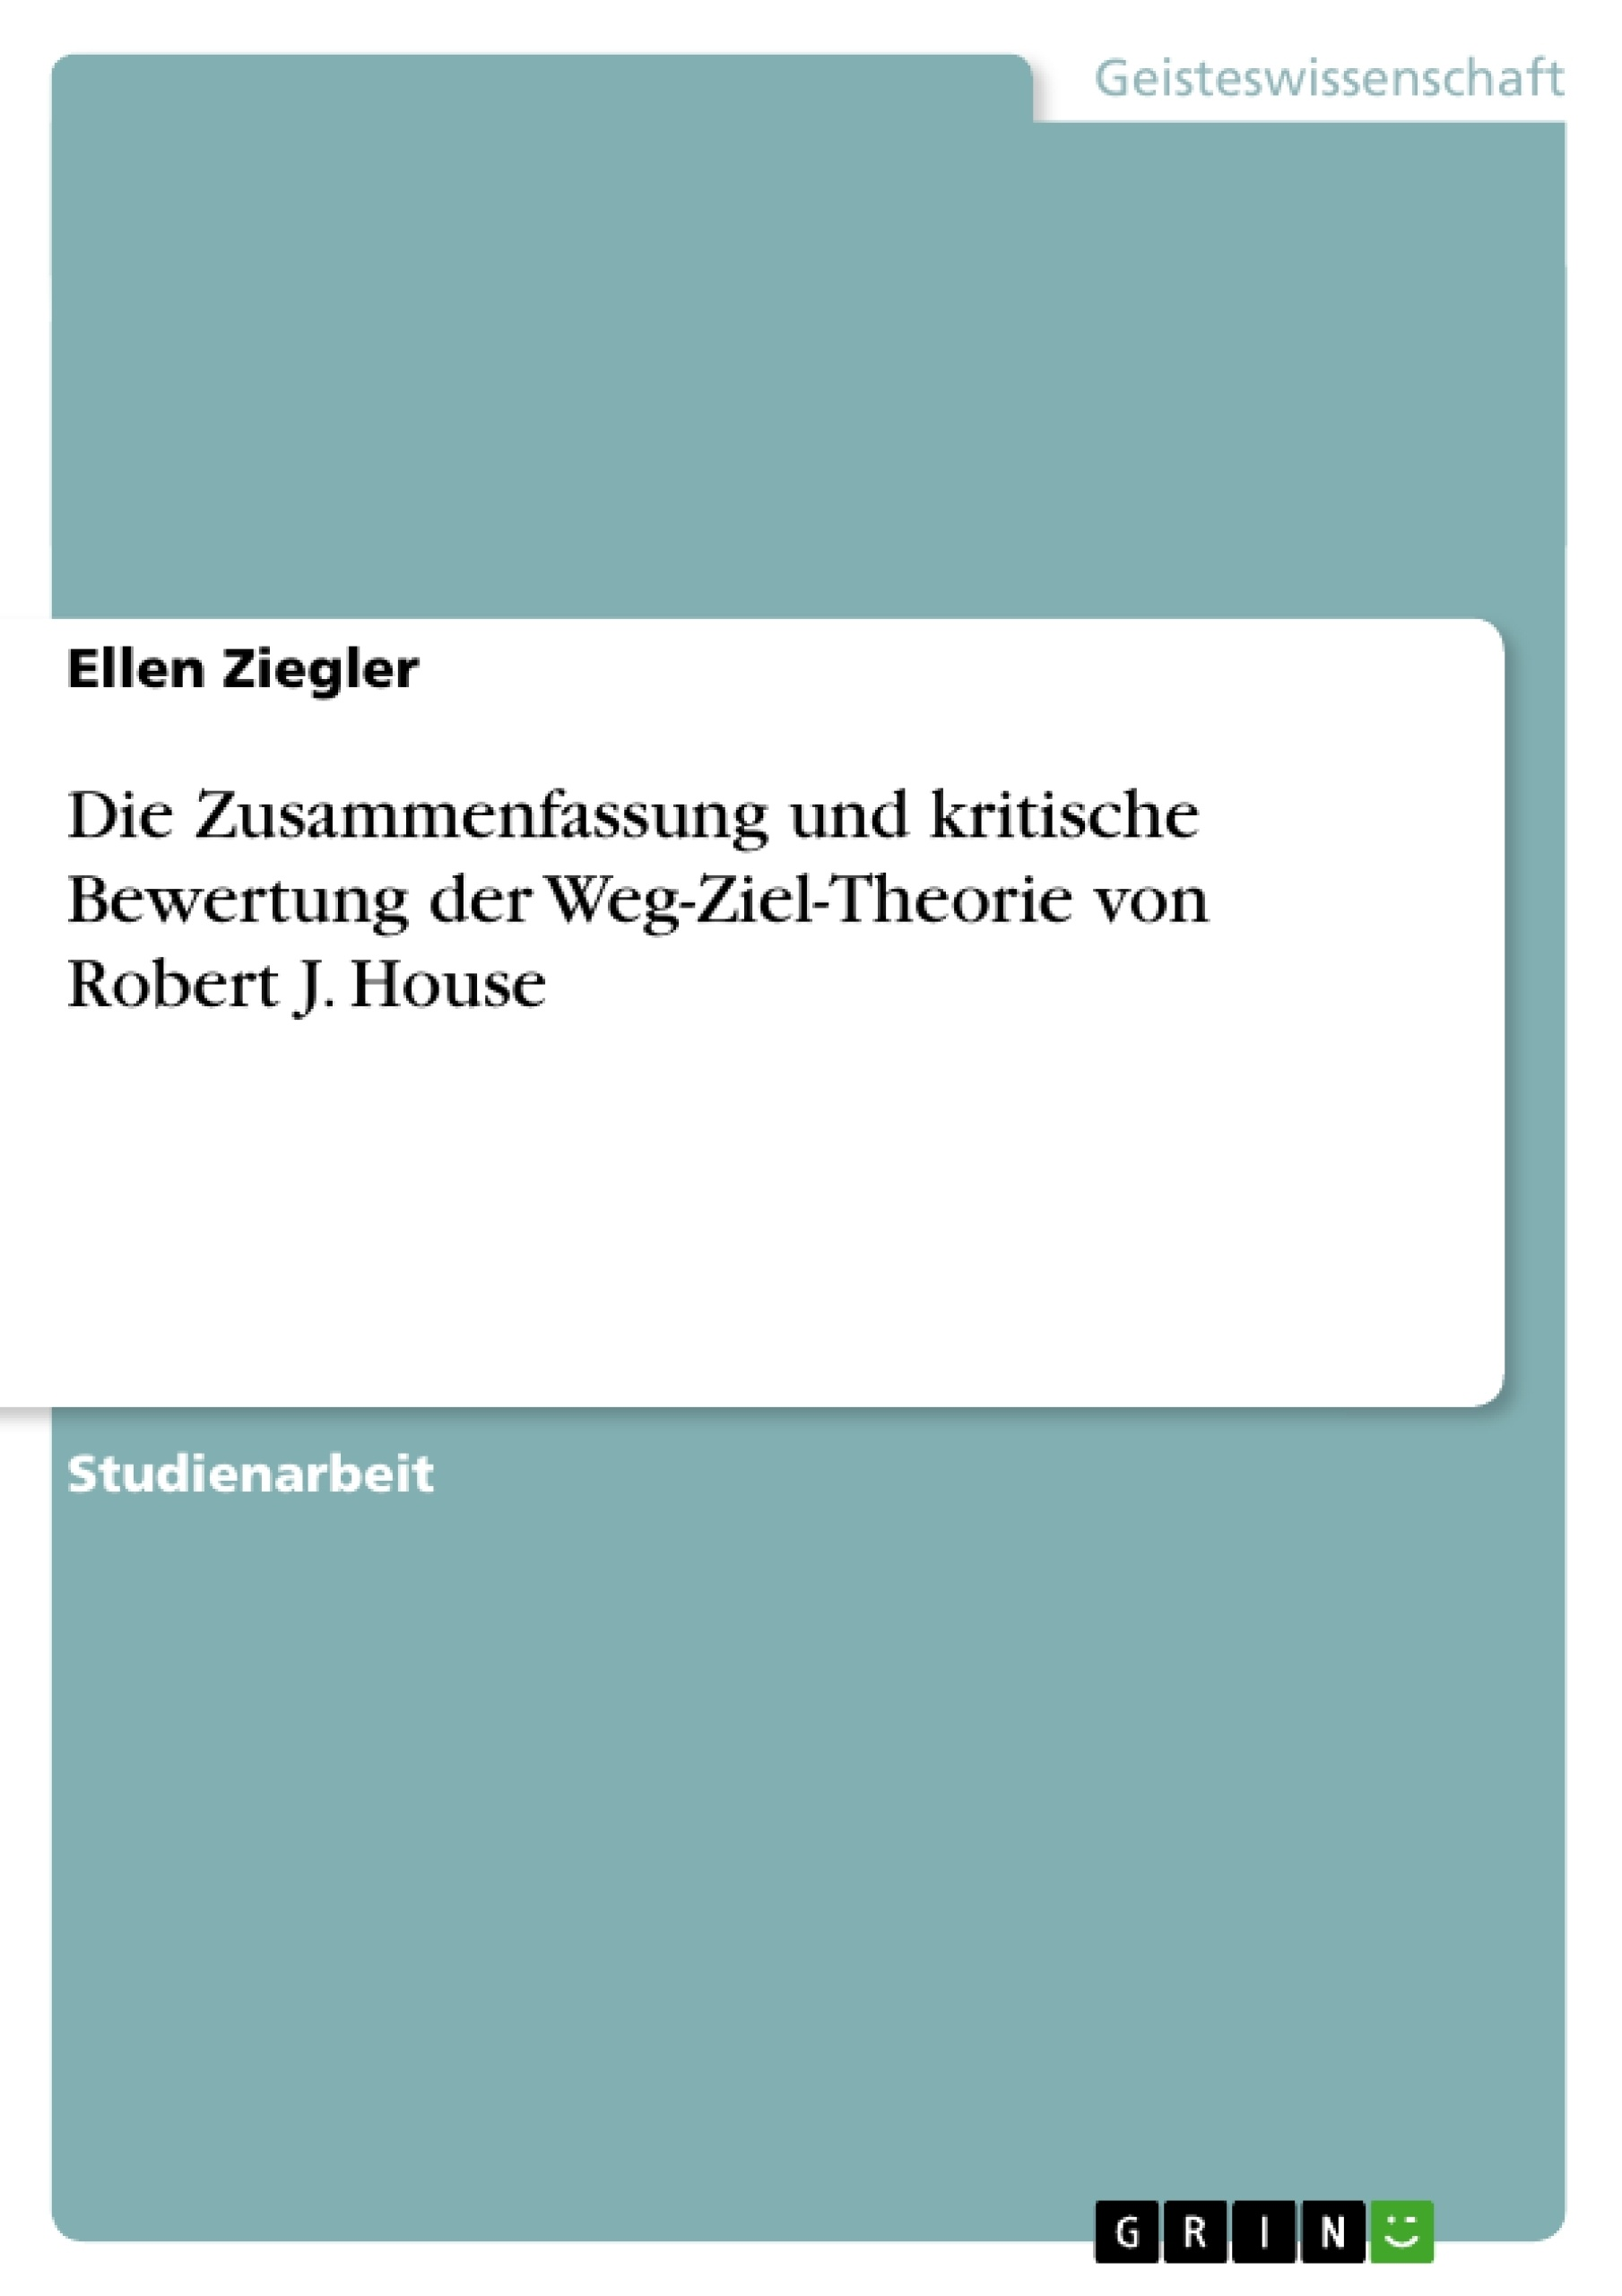 Titel: Die Zusammenfassung und kritische Bewertung der Weg-Ziel-Theorie von Robert J. House